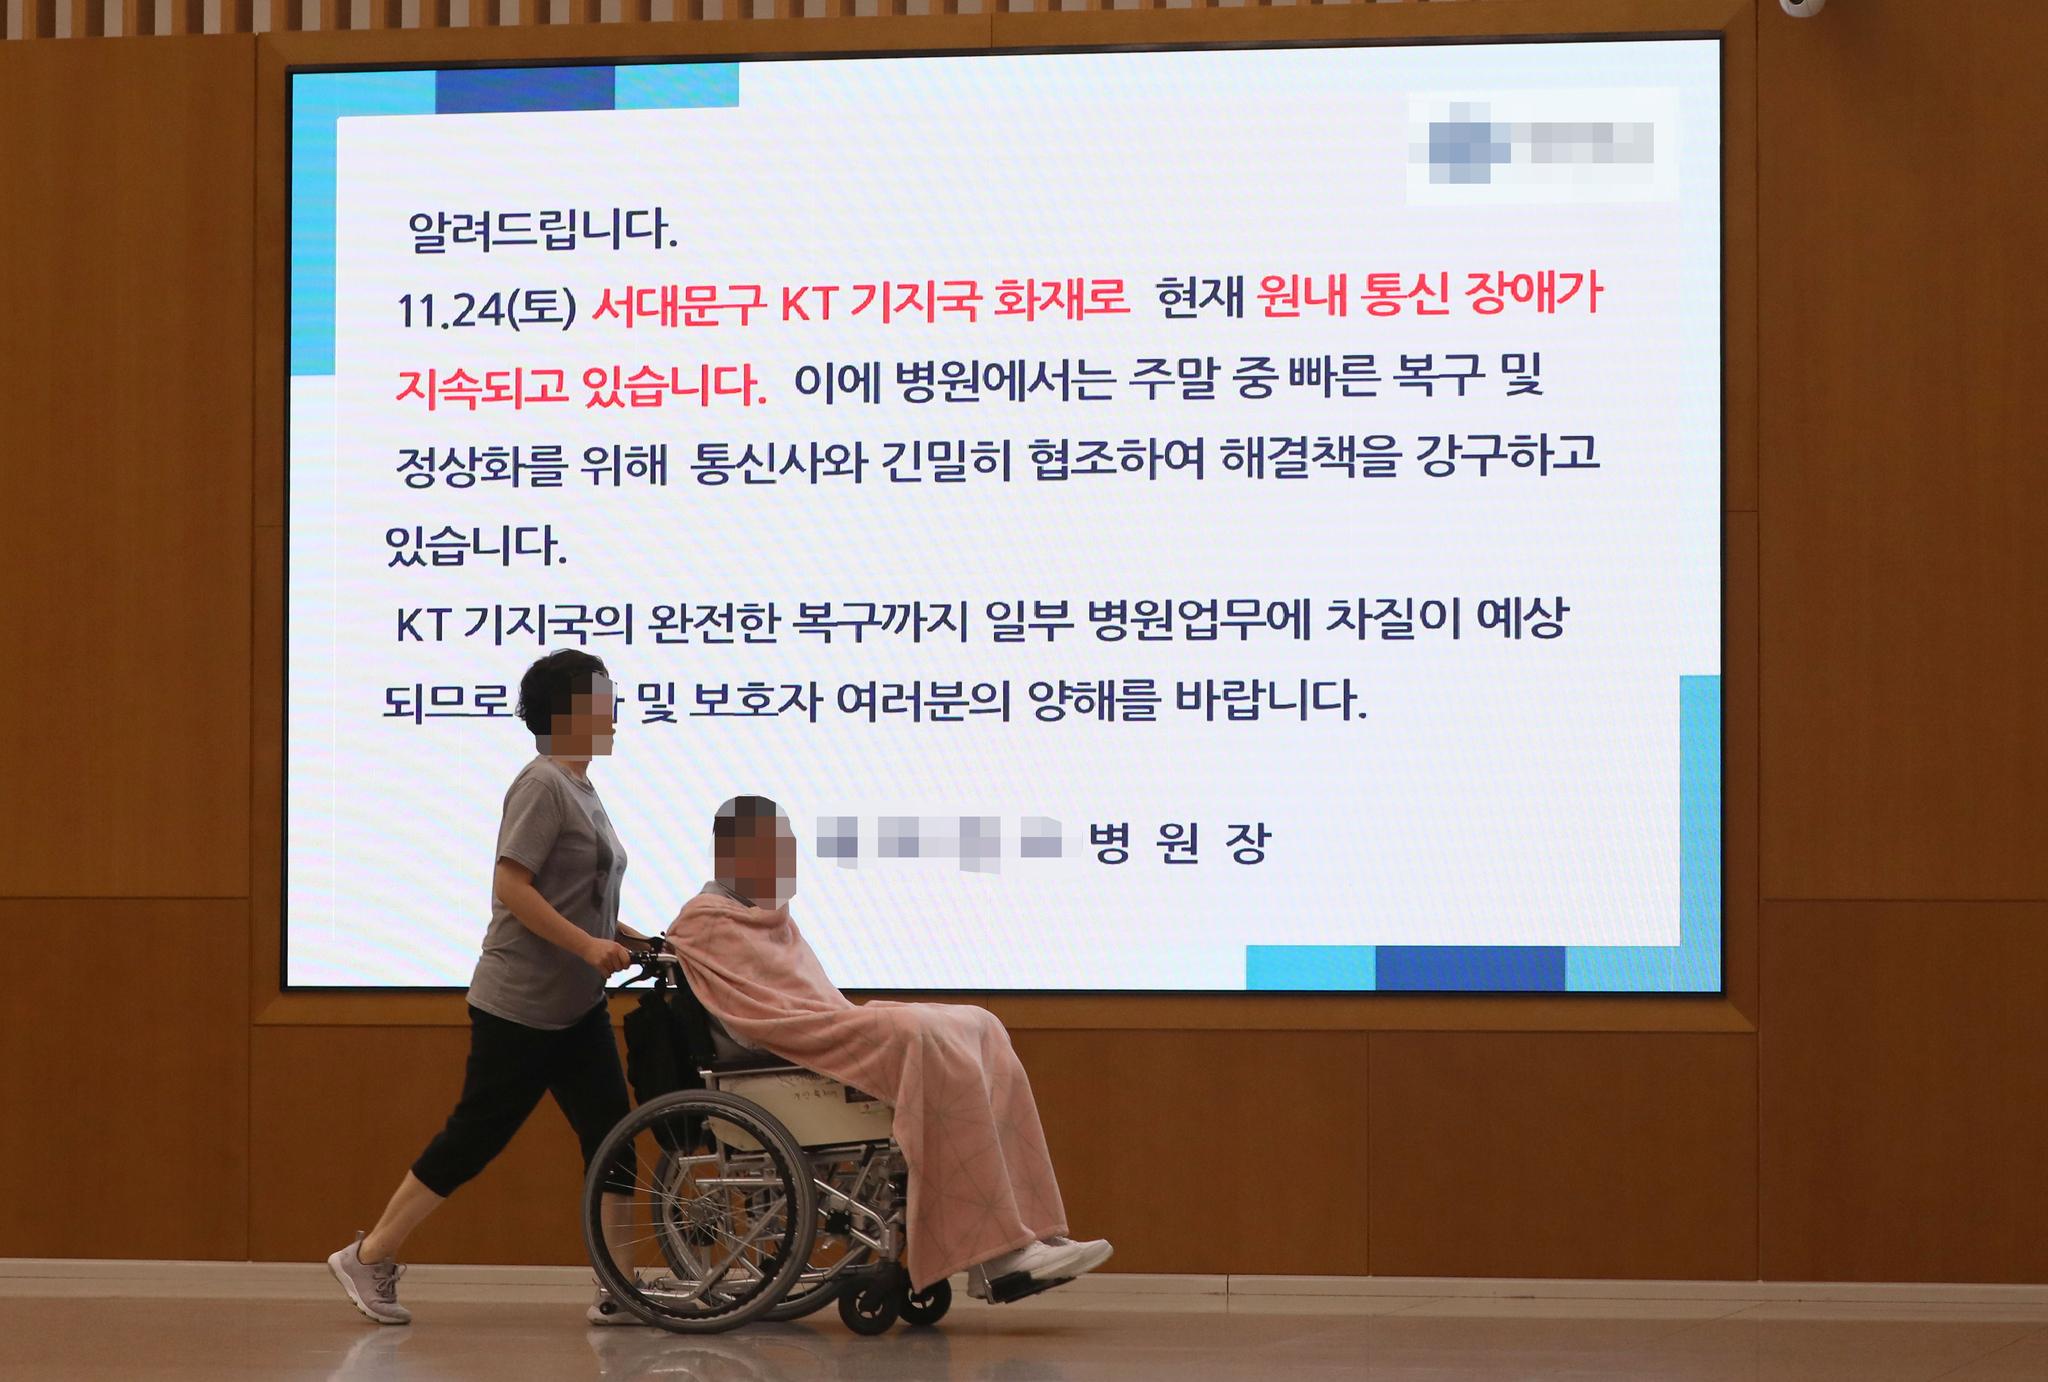 25일 오후 서울 서대문구 한 병원 로비에 KT 아현지사 지하 통신구 화재로 인해 원내 통신 장애가 지속되고 있다는 안내를 하고 있다.[뉴스1]